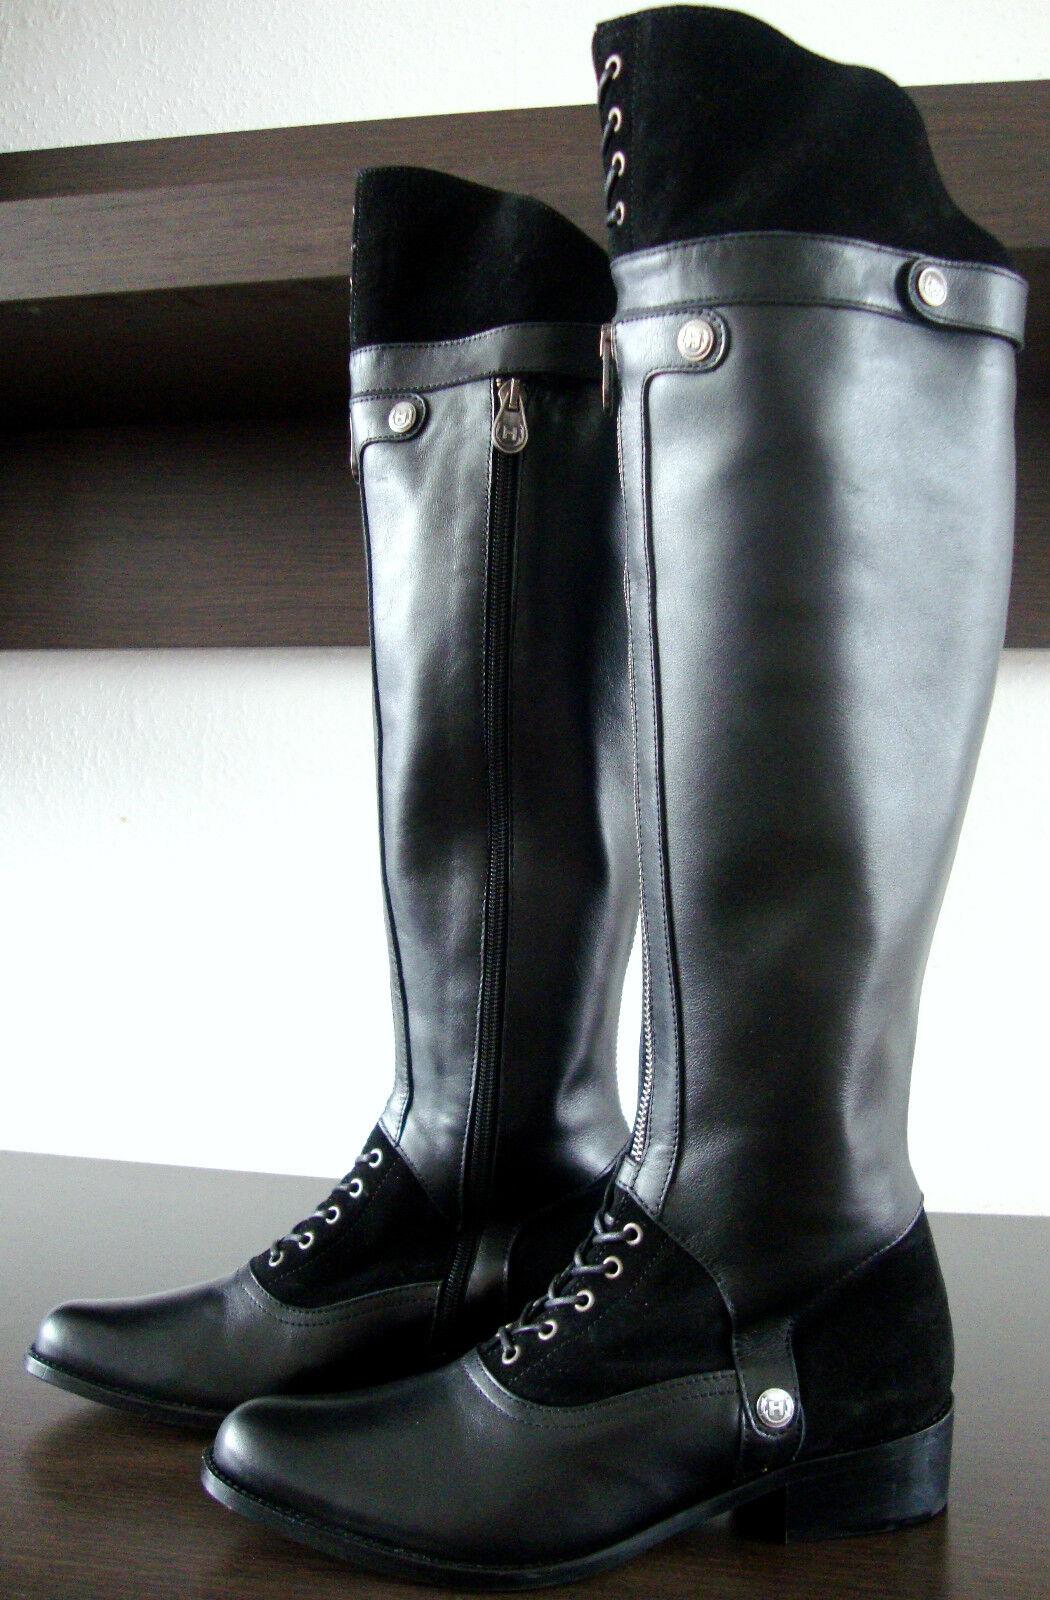 HUNTER WARDOUR Kniehöhe Stiefel Schwarz Leder Damen Stiefel Schaftstiefel Schwarz Stiefel Gr38 NEU 06e0e9